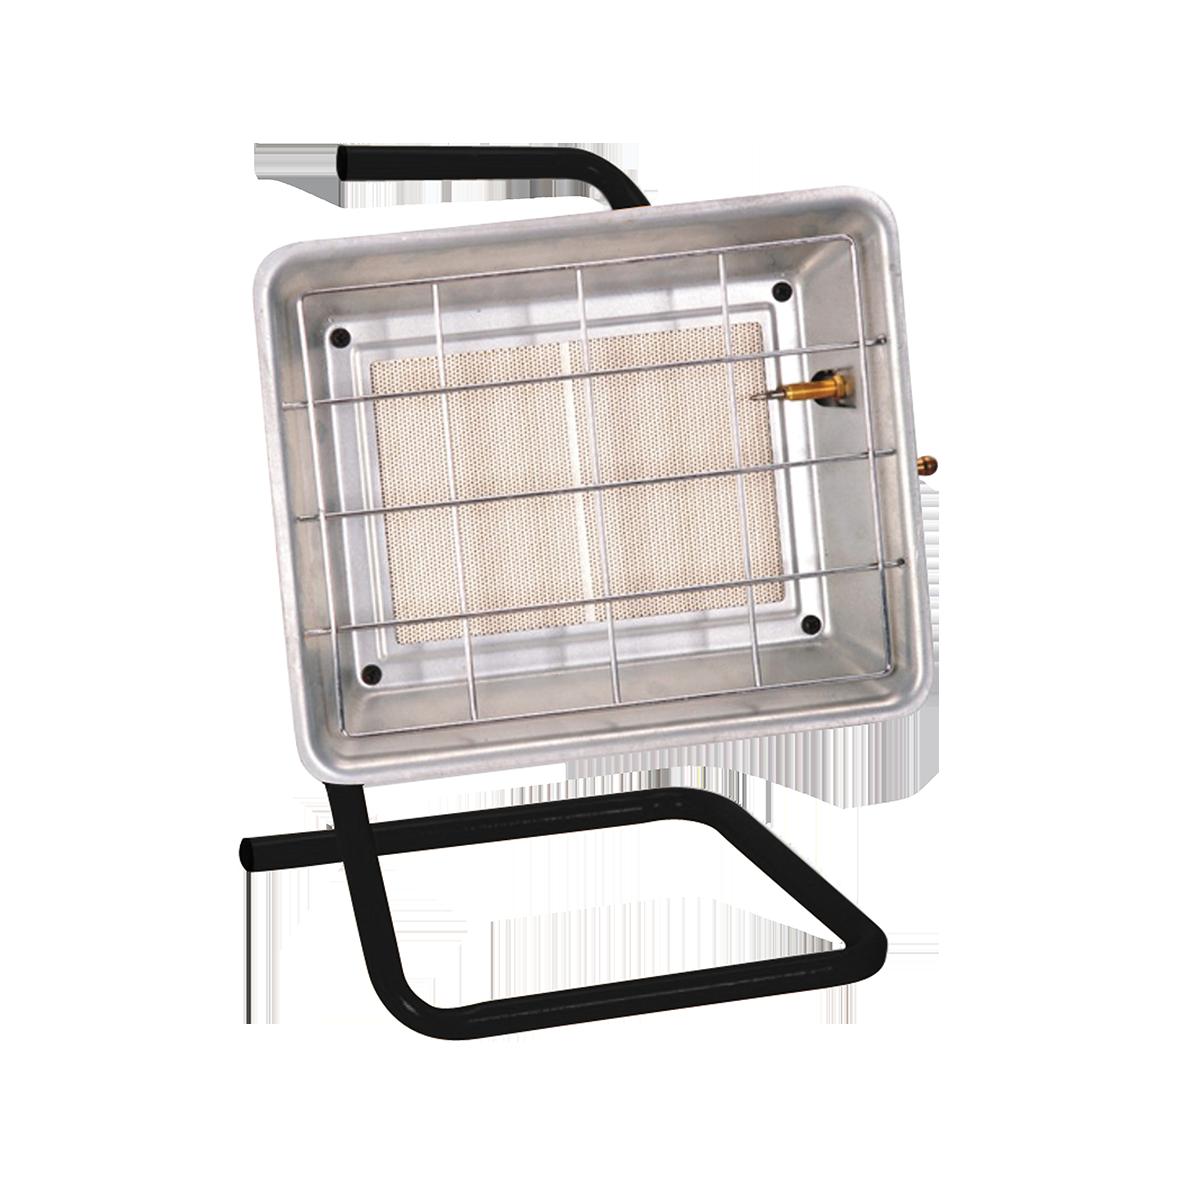 Газовый обогреватель Timberk TGH 4200 X2Газовые обогреватели<br>Удобная ручка для перемещения<br>Компактный размер<br>Регулируемая тепловая мощность<br>Легкость и удобство в транспортировке<br>Удобная складная ручка и подставка<br>Высококачественная керамическая панель<br>Профессиональный обогрев<br>В комплекте газовый шланг и редуктор<br><br>Номинальная тепловая мощность, кВт: 4.2<br>Давление газа в редукторе, мБар: 29-30<br>Расход газа: 145/246<br>Тип топлива: пропан-бутан G 30<br>Площадь помещения: 20-45 м?